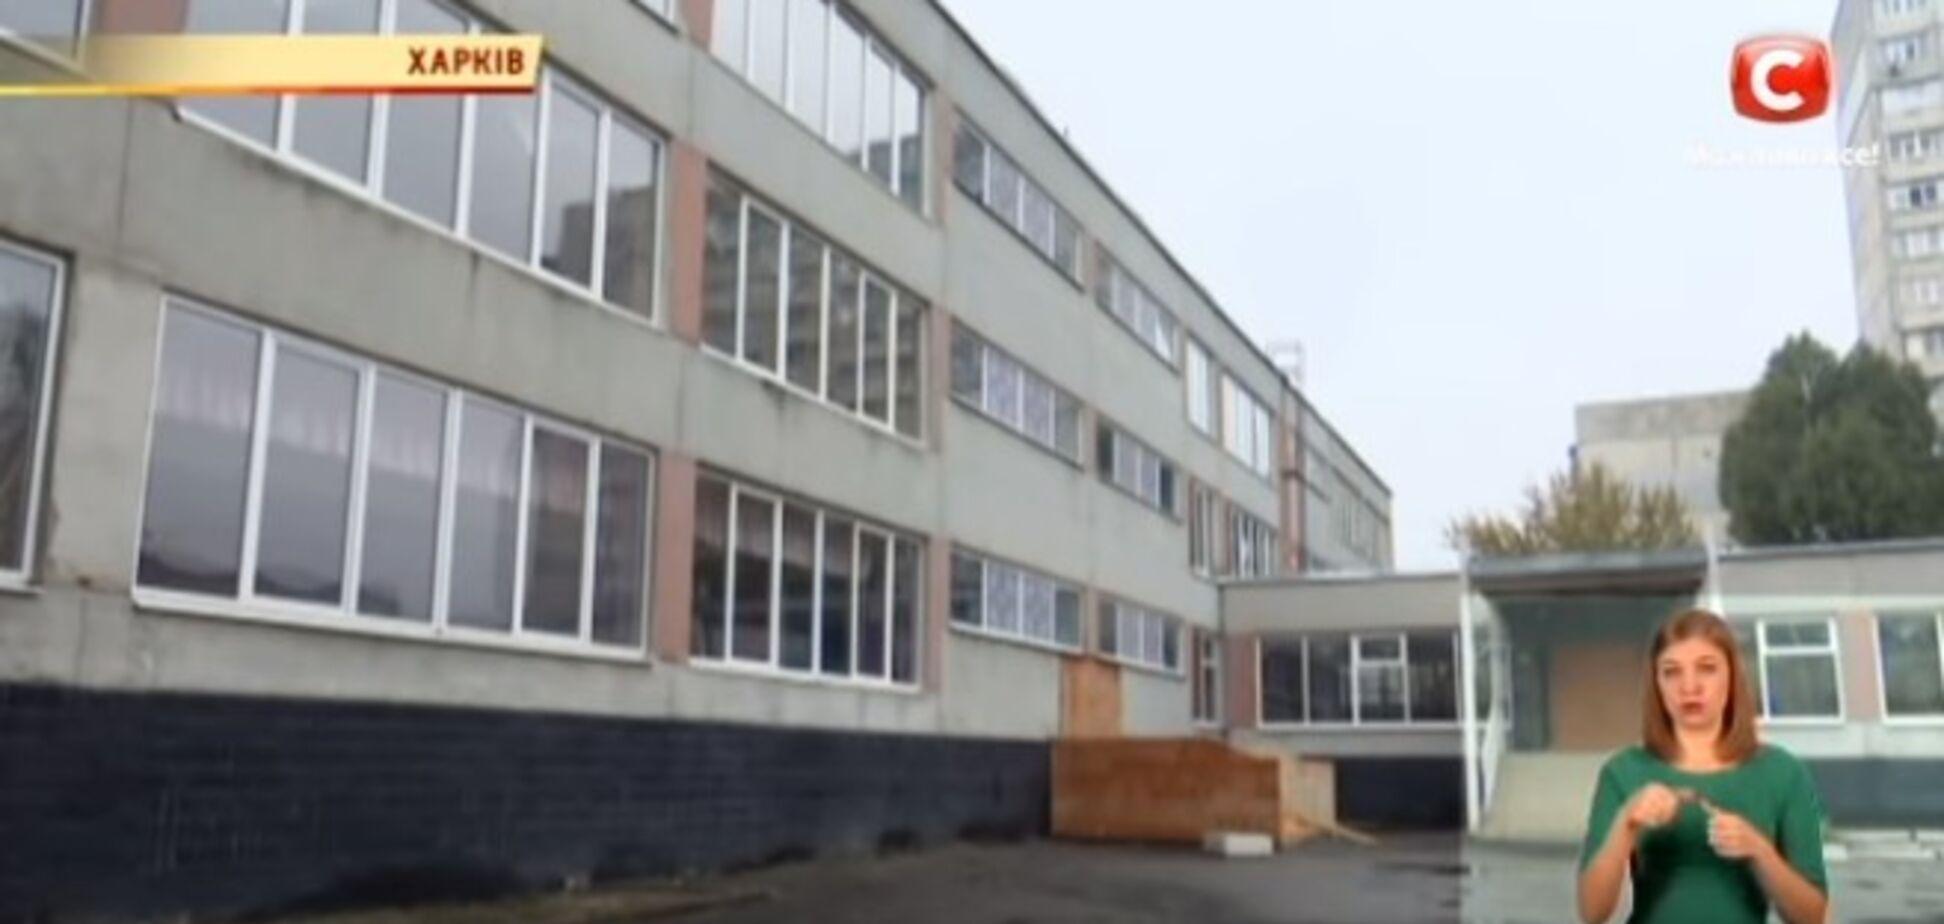 ''Пішли проти колективу'': у скандалі про цькування у школі Харкова з'явився новий бік